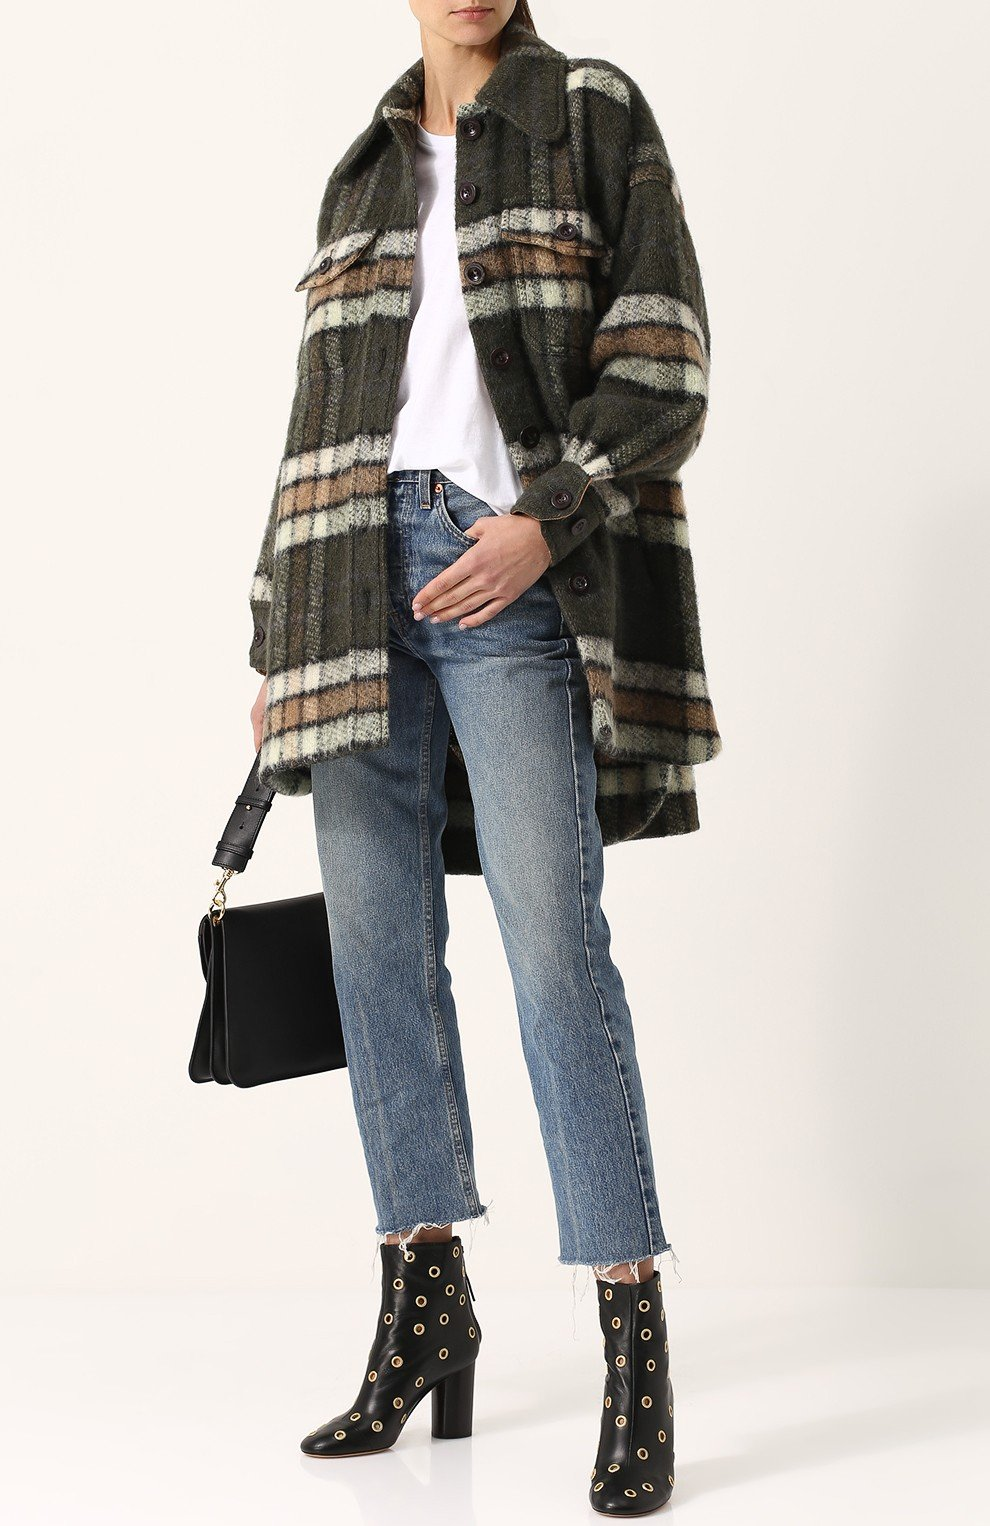 модные образы весна 2019: пальто в клетку и прямые джинсы